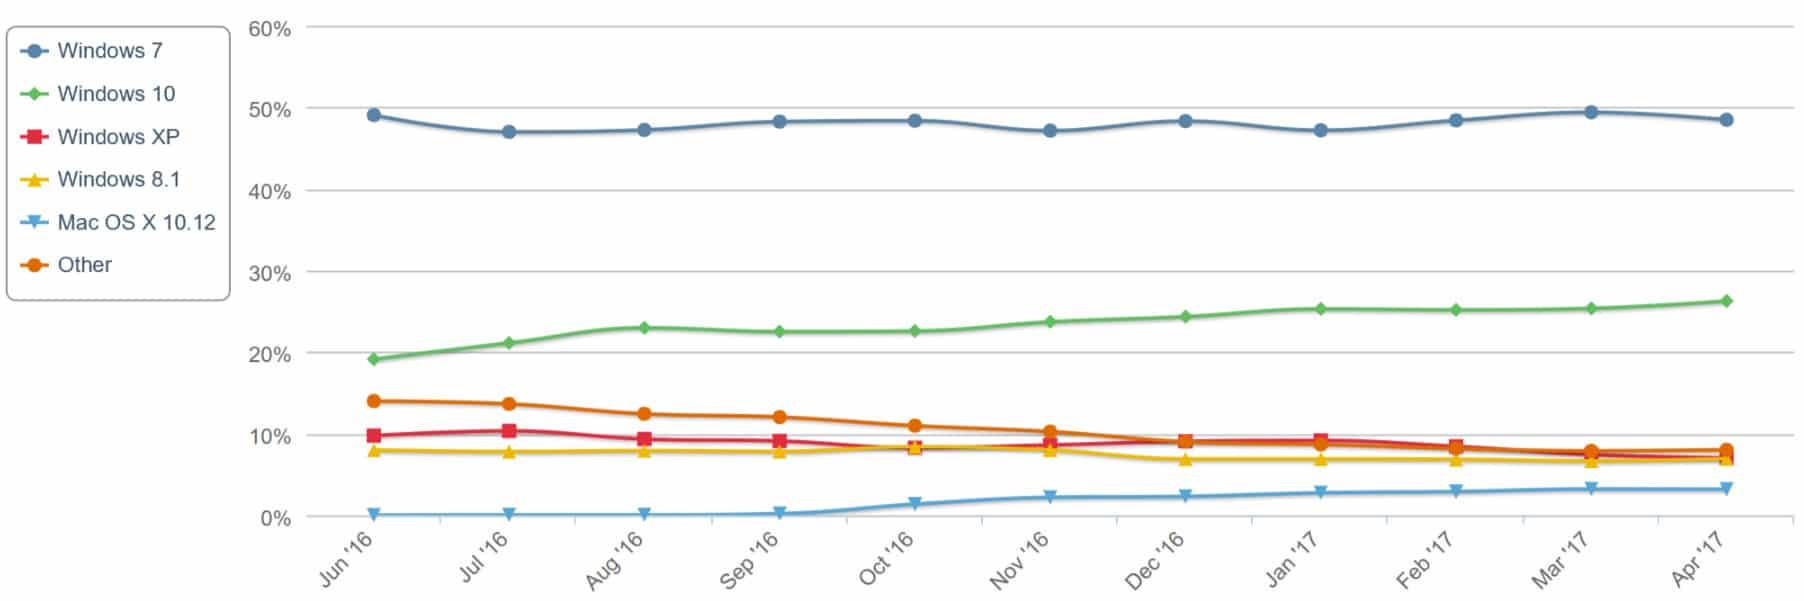 Wachstum der Desktop-Betriebssysteme